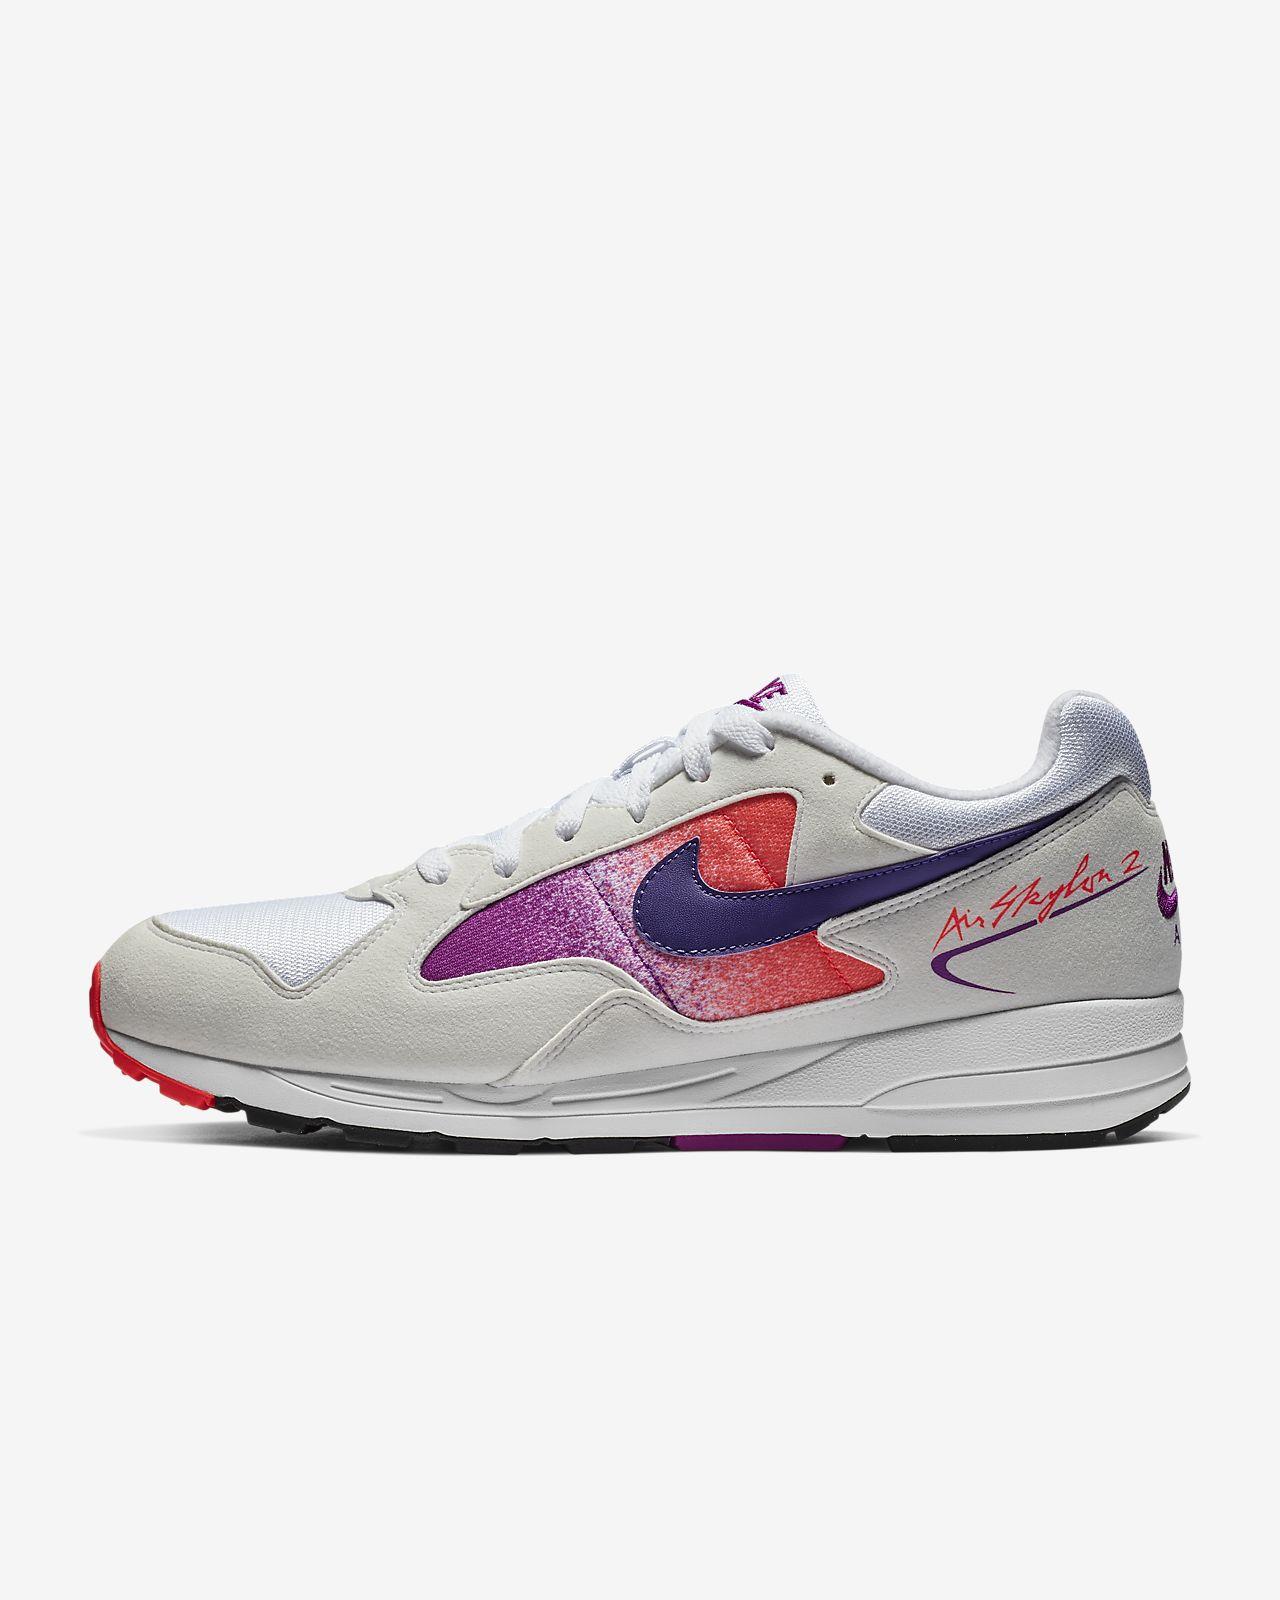 Pánská bota Nike Air Skylon II